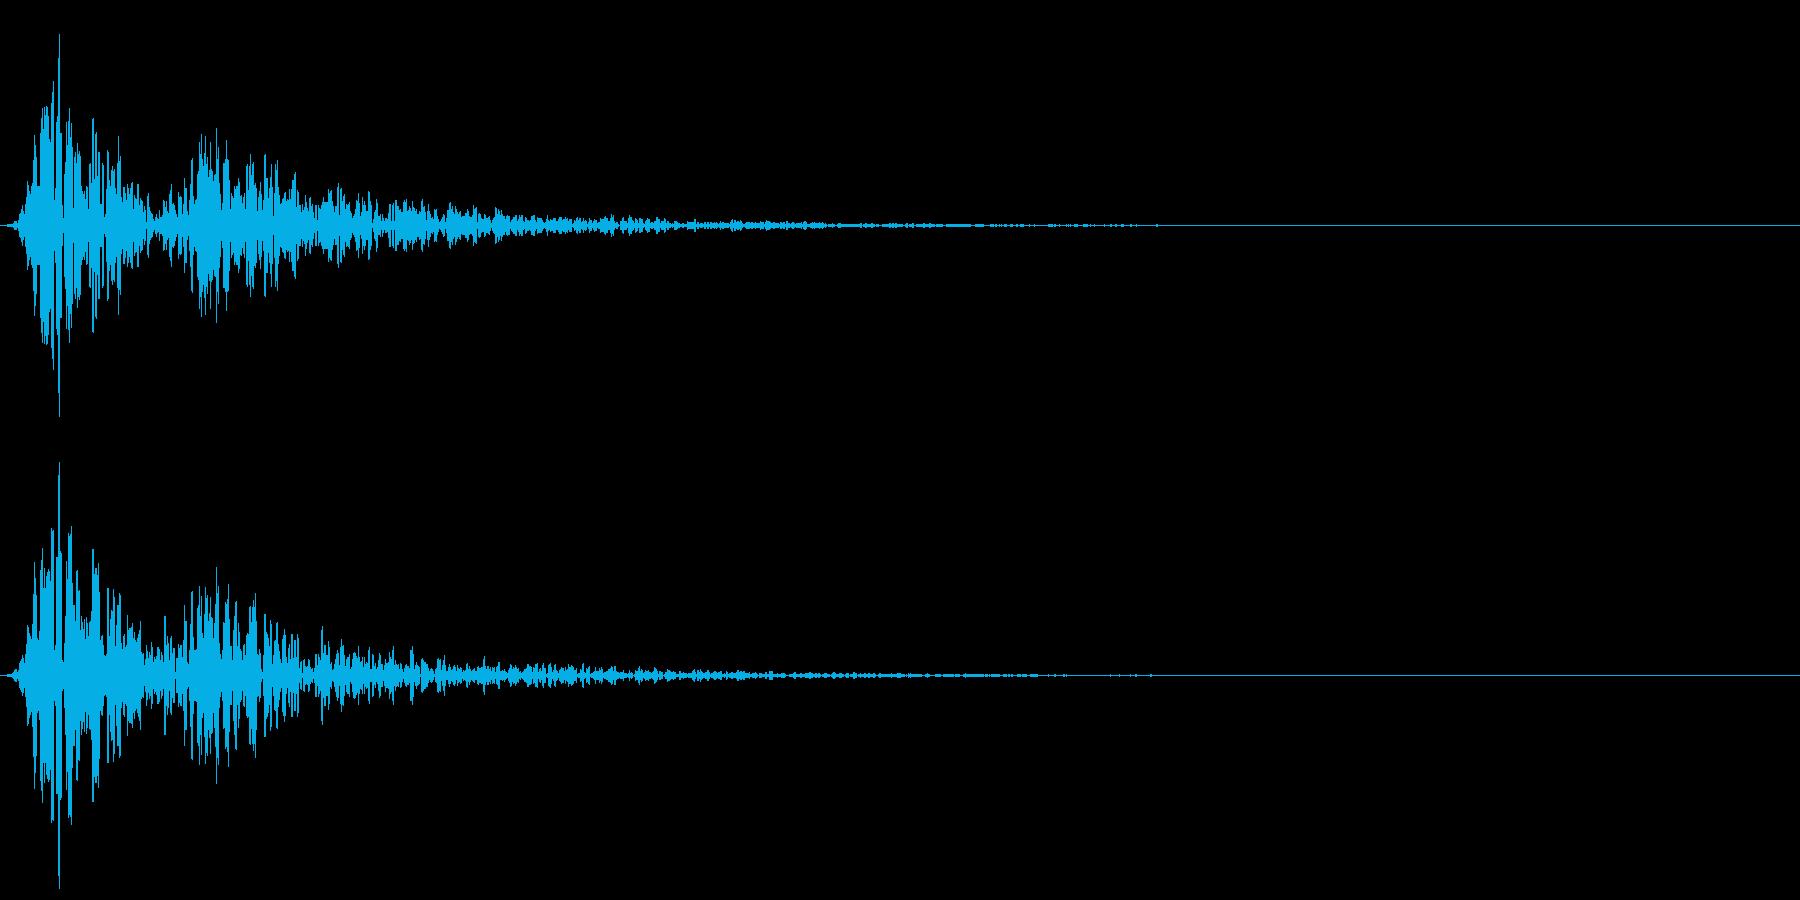 心臓の鼓動 単発(ドックン)の再生済みの波形